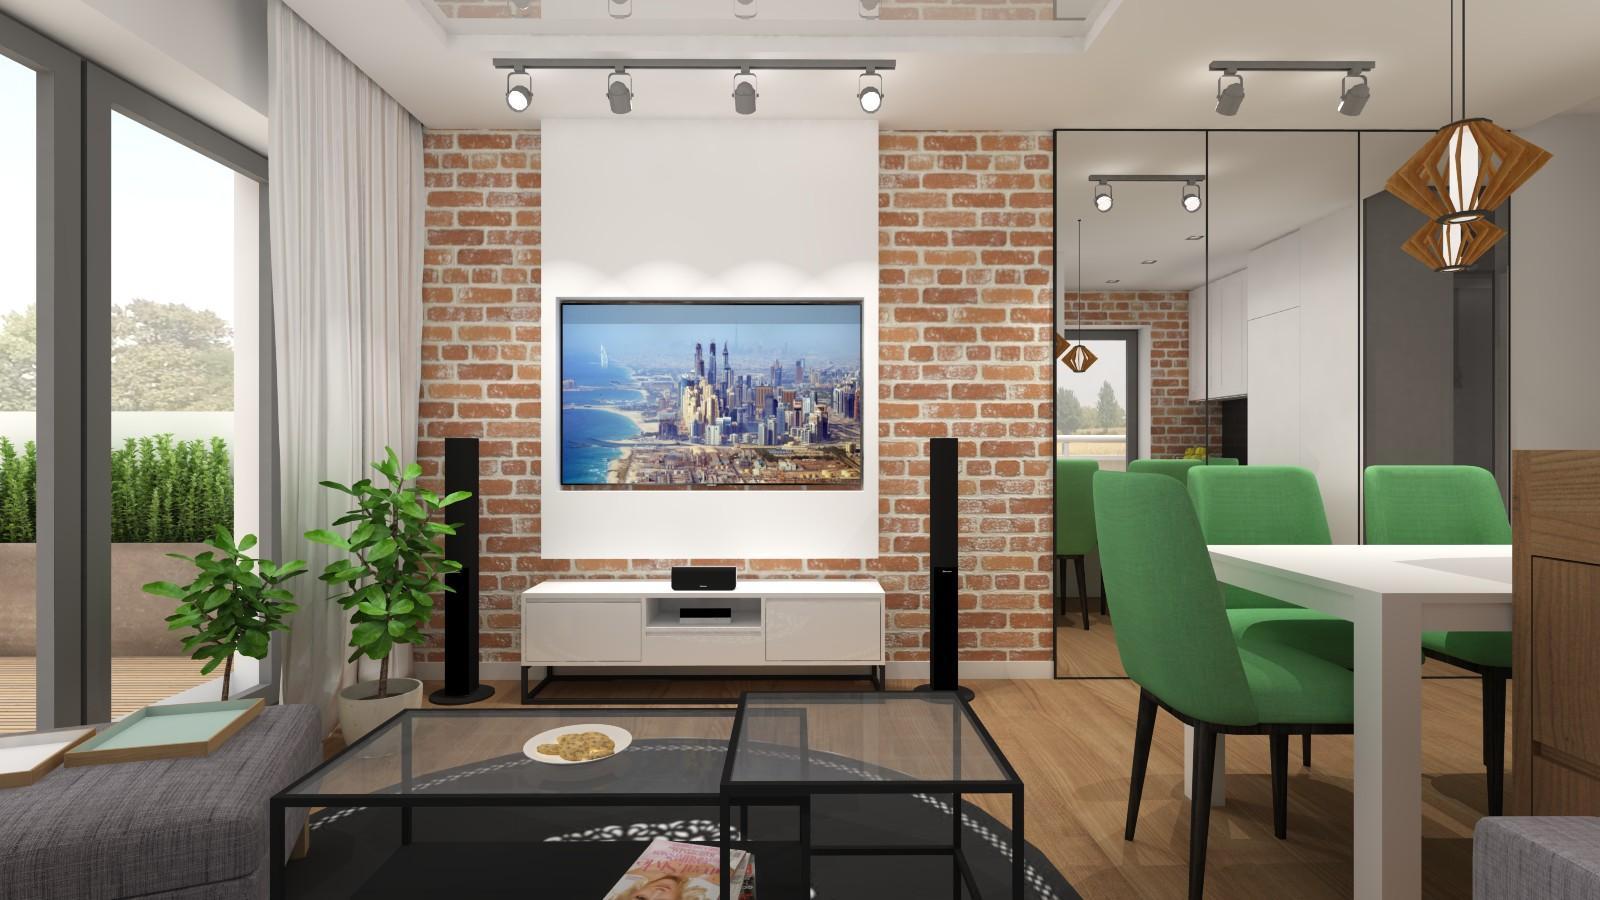 nowoczesny-salon-w-stylu-loftowym-z-zabudowa-tv-cegla-na-scianie-lustrami-aneksem-kuchennym-zielone-krzesla-w-jadalni